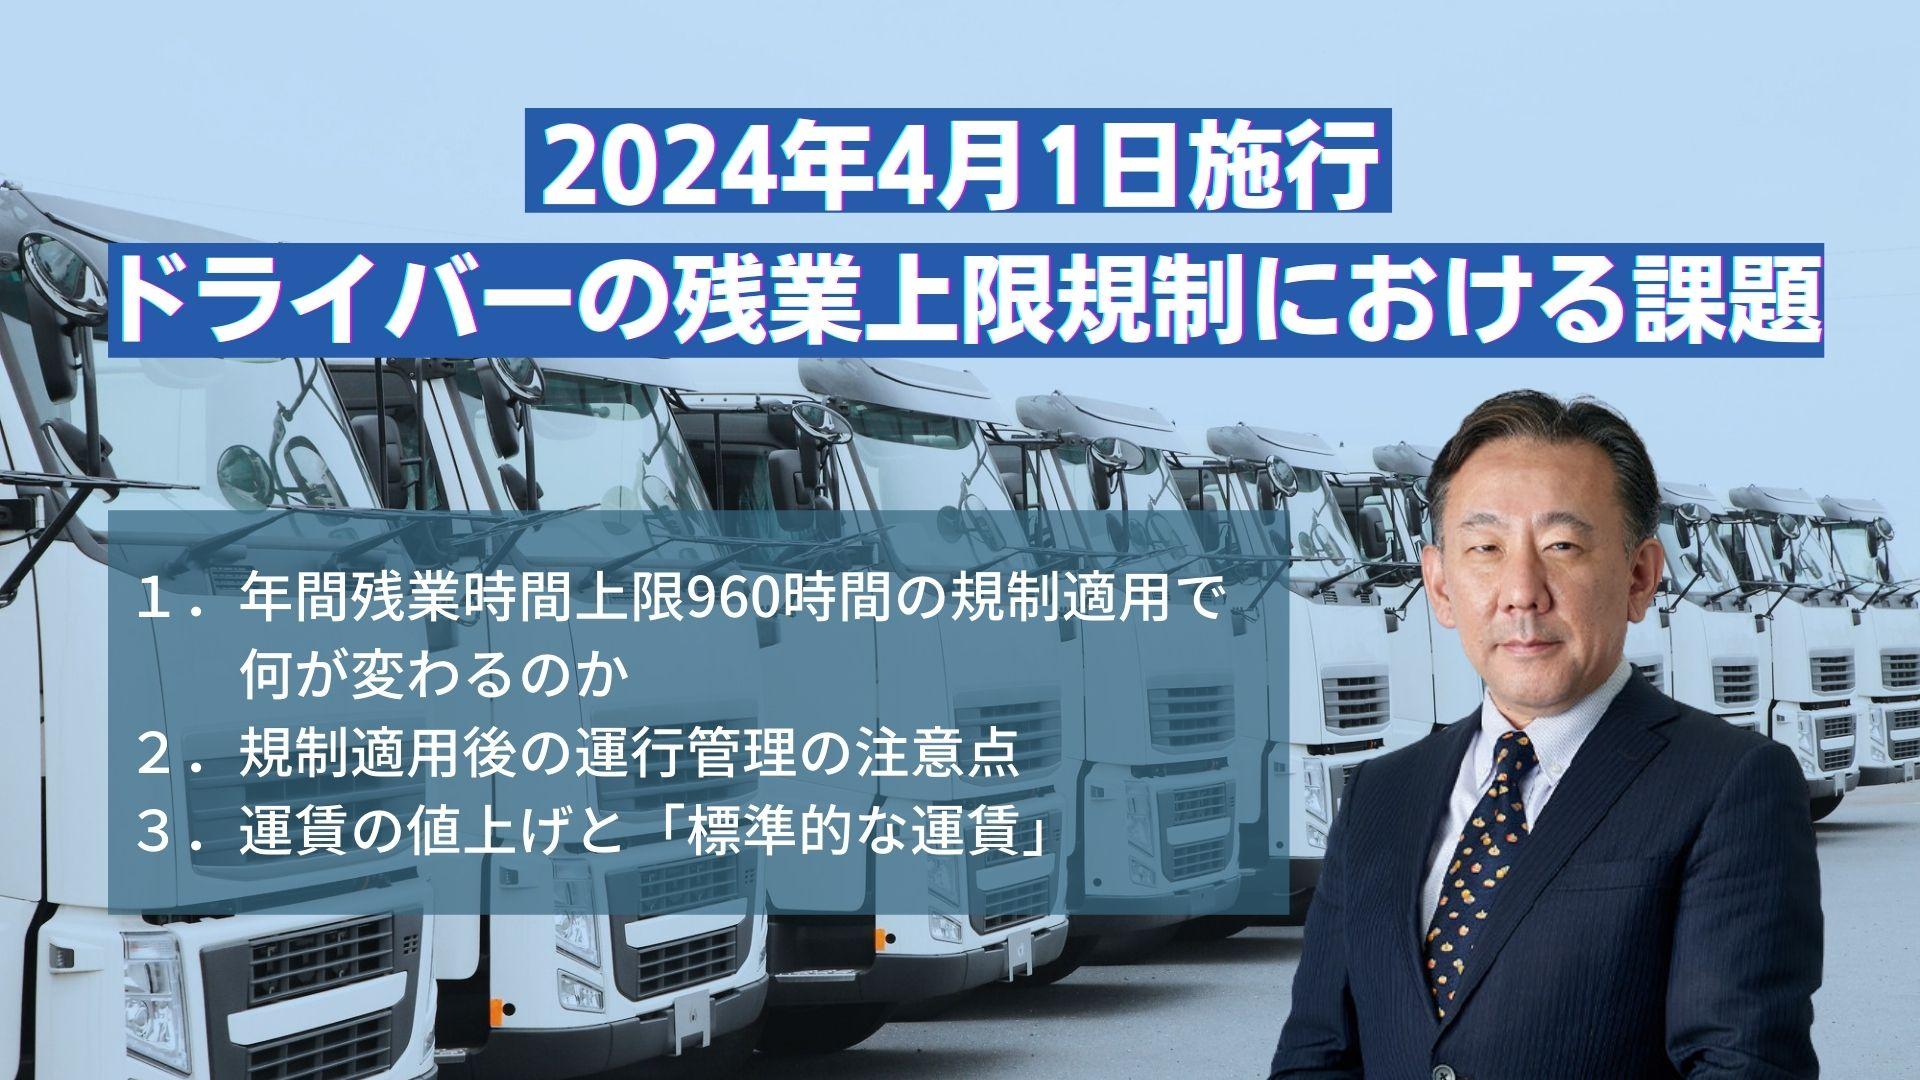 2024年4月1日施行:ドライバーの残業上限規制における課題